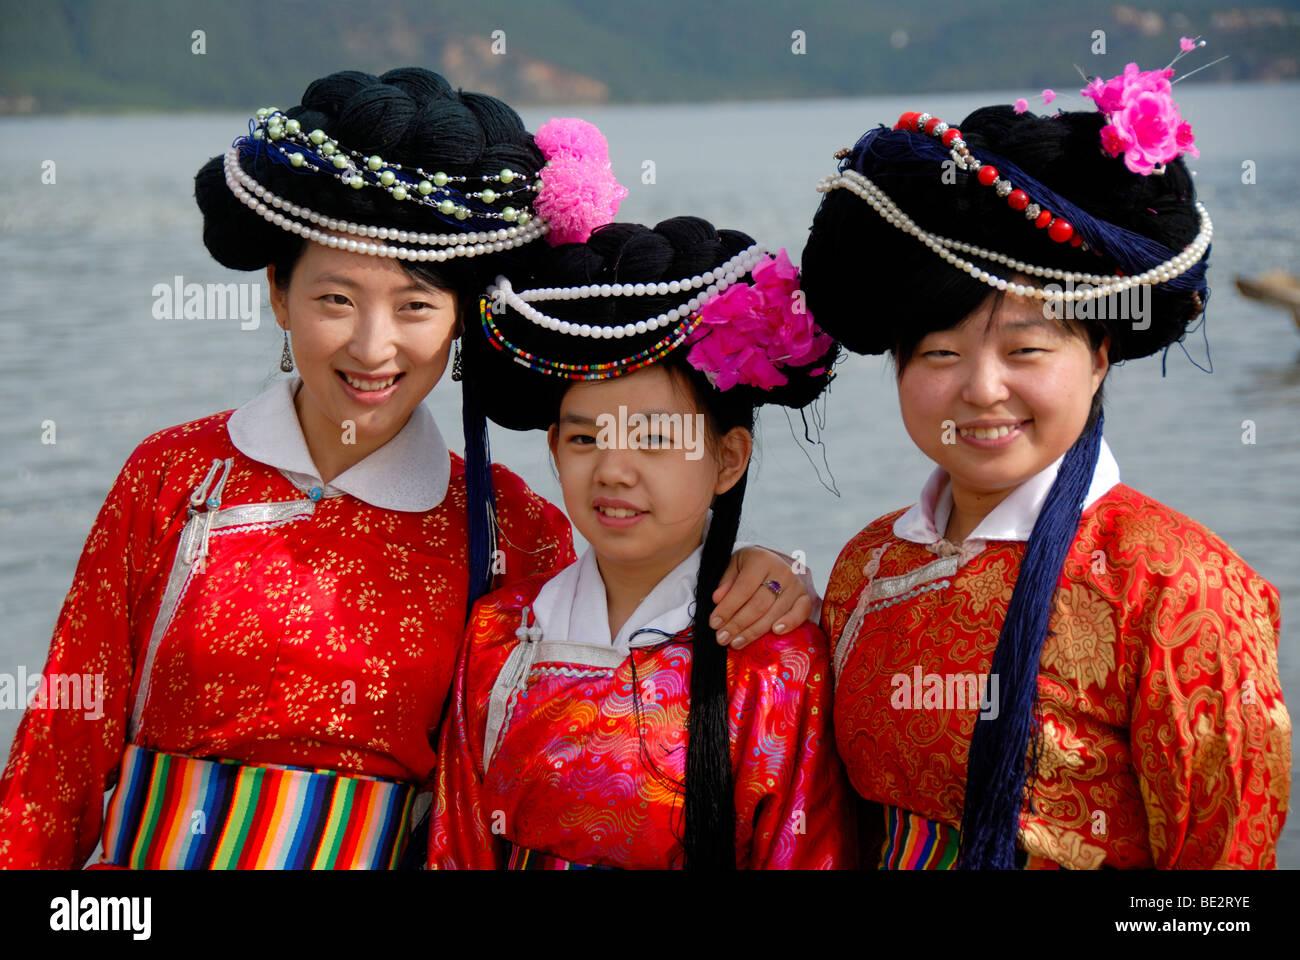 Ethnologie, Tourismus, chinesische Touristen hanchinesischen Damenkleider in lokalen Gewand für ein Foto, Luoshui, Stockbild